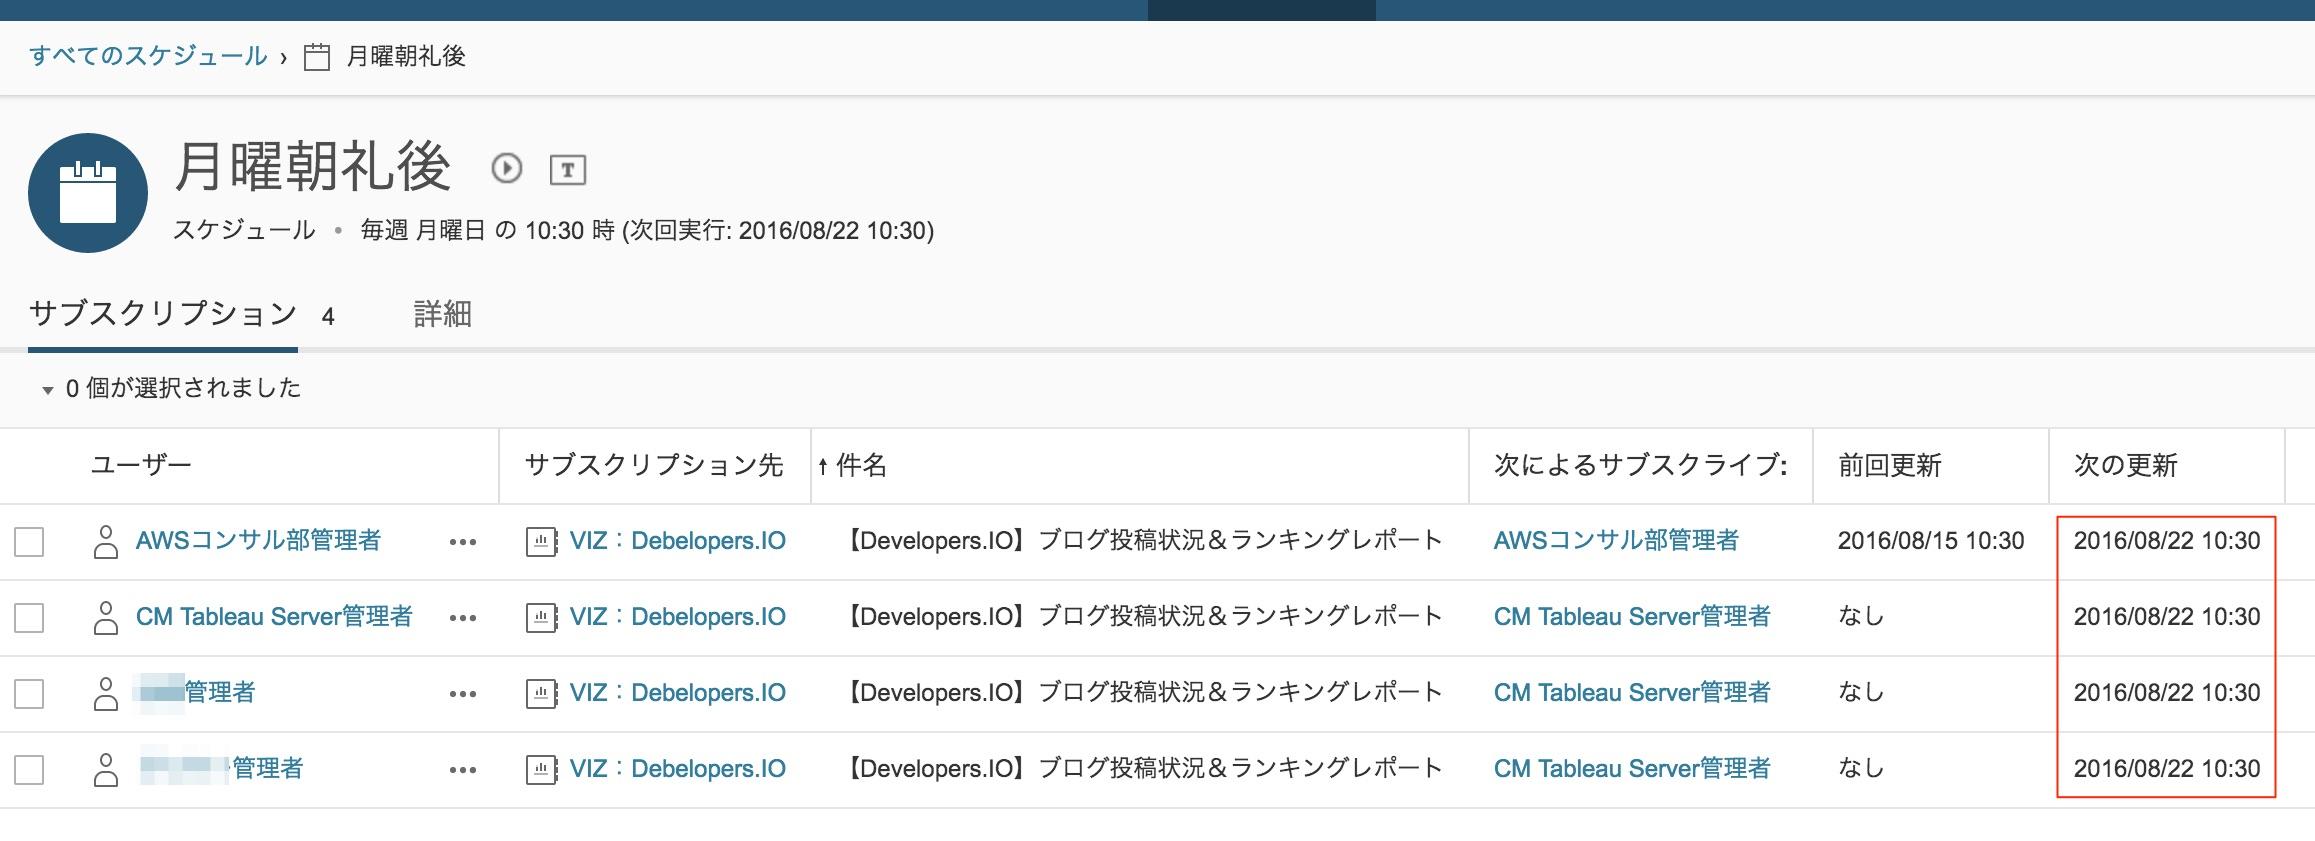 tableau-server-v10-subscribe_10